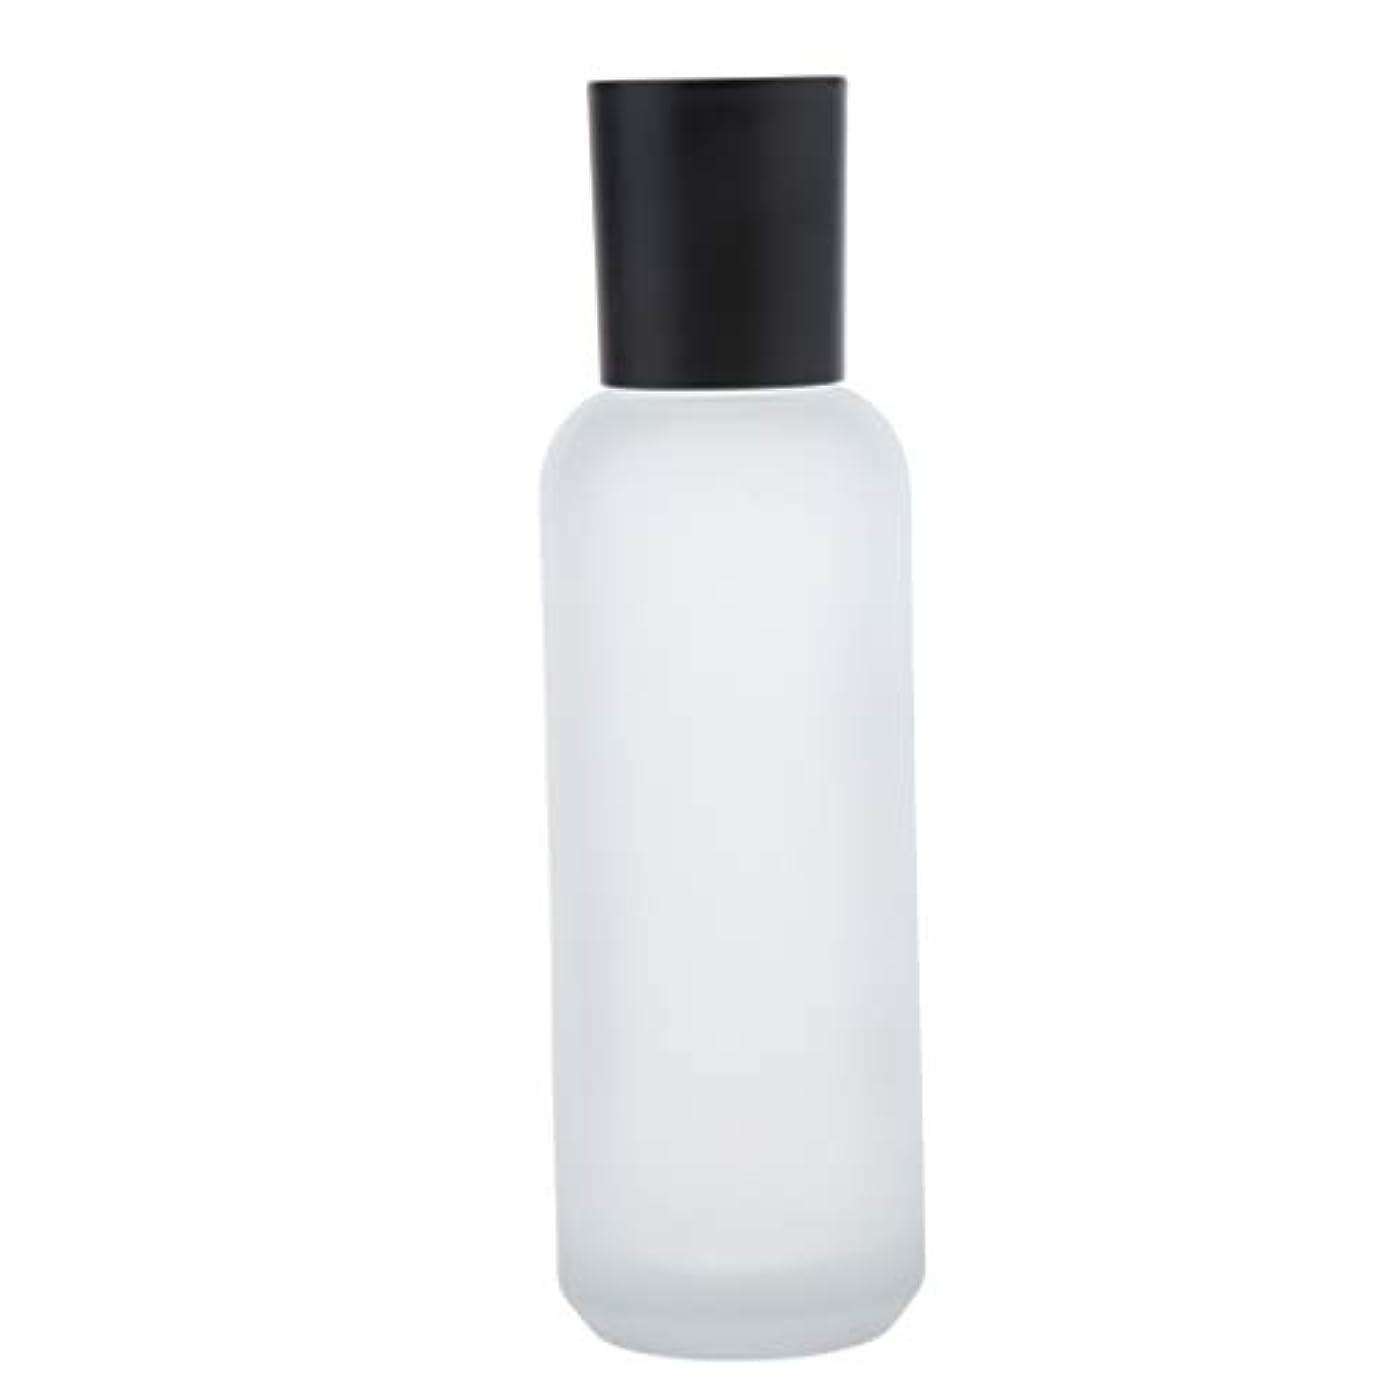 ペグ障害分離するコスメ用詰替え容器 空ボトル 化粧品ボトル クリーム瓶 ガラス瓶 詰め替え可能 化粧品容器 全2サイズ - 120 ml